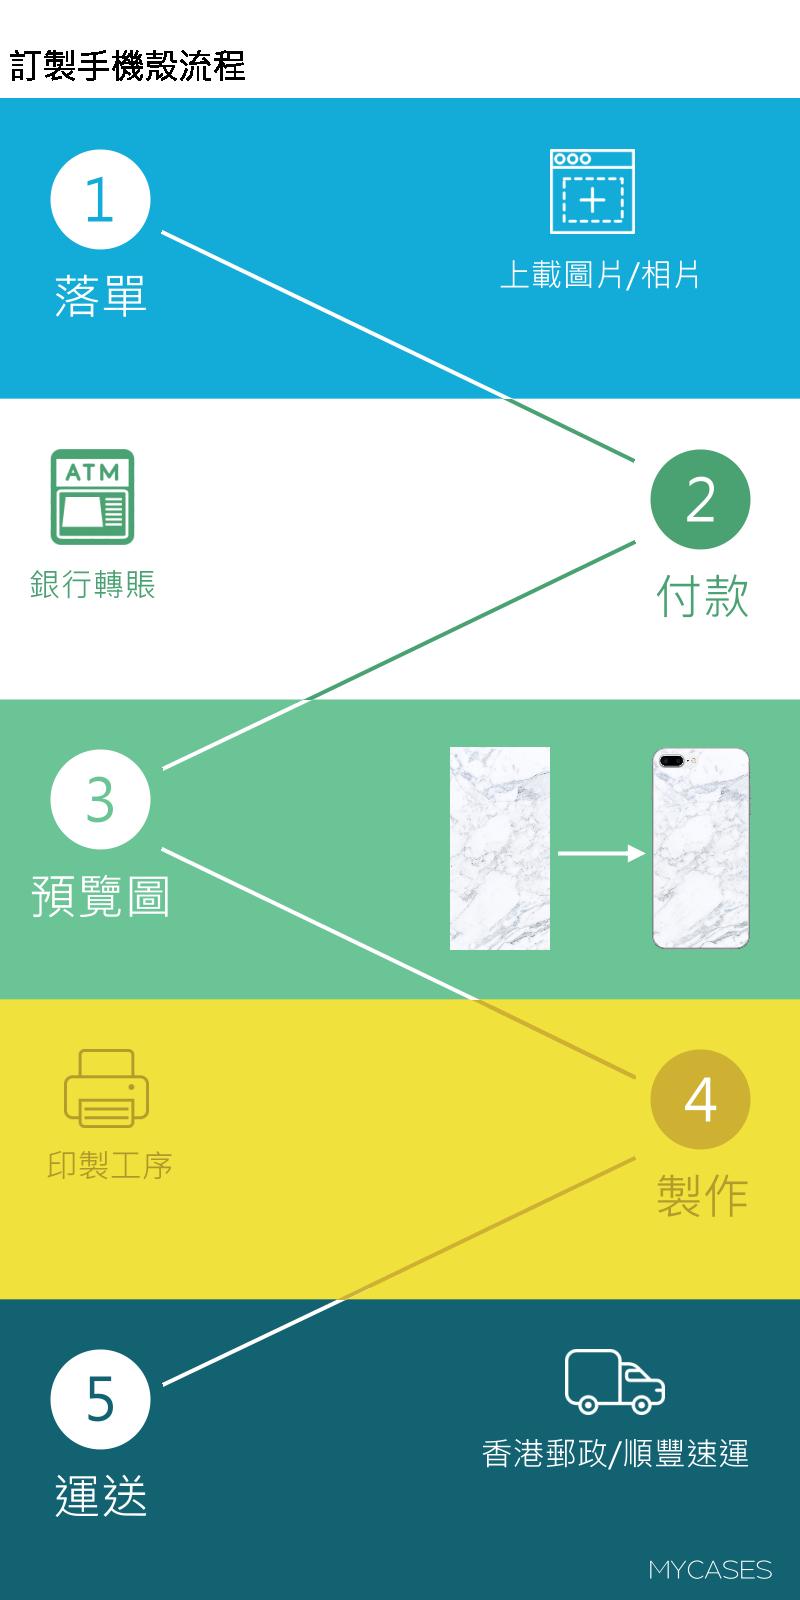 手機殼訂製步驟